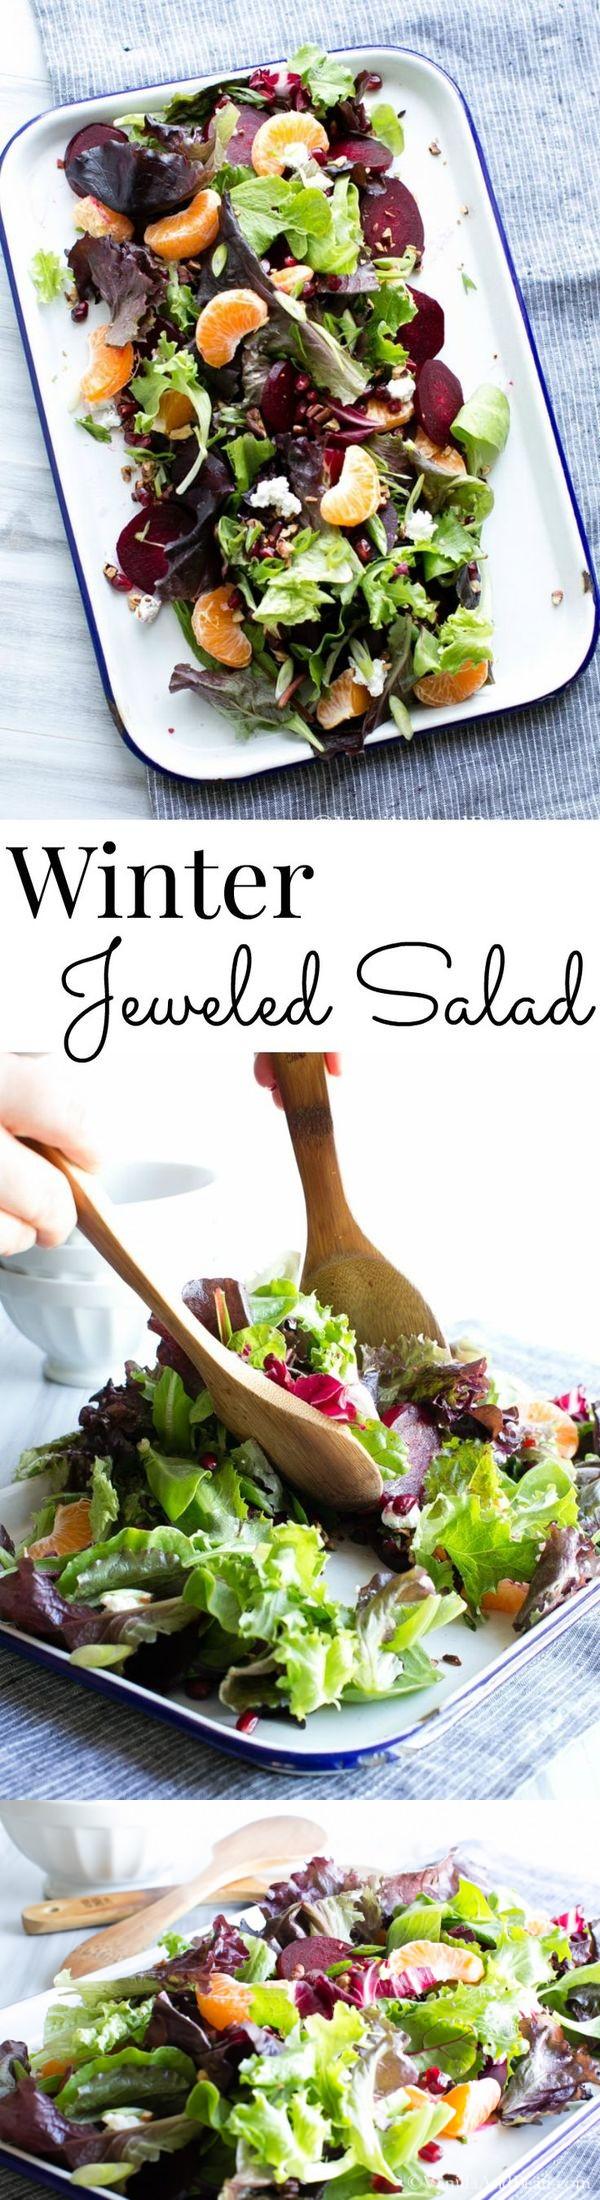 Winter Jeweled Salad